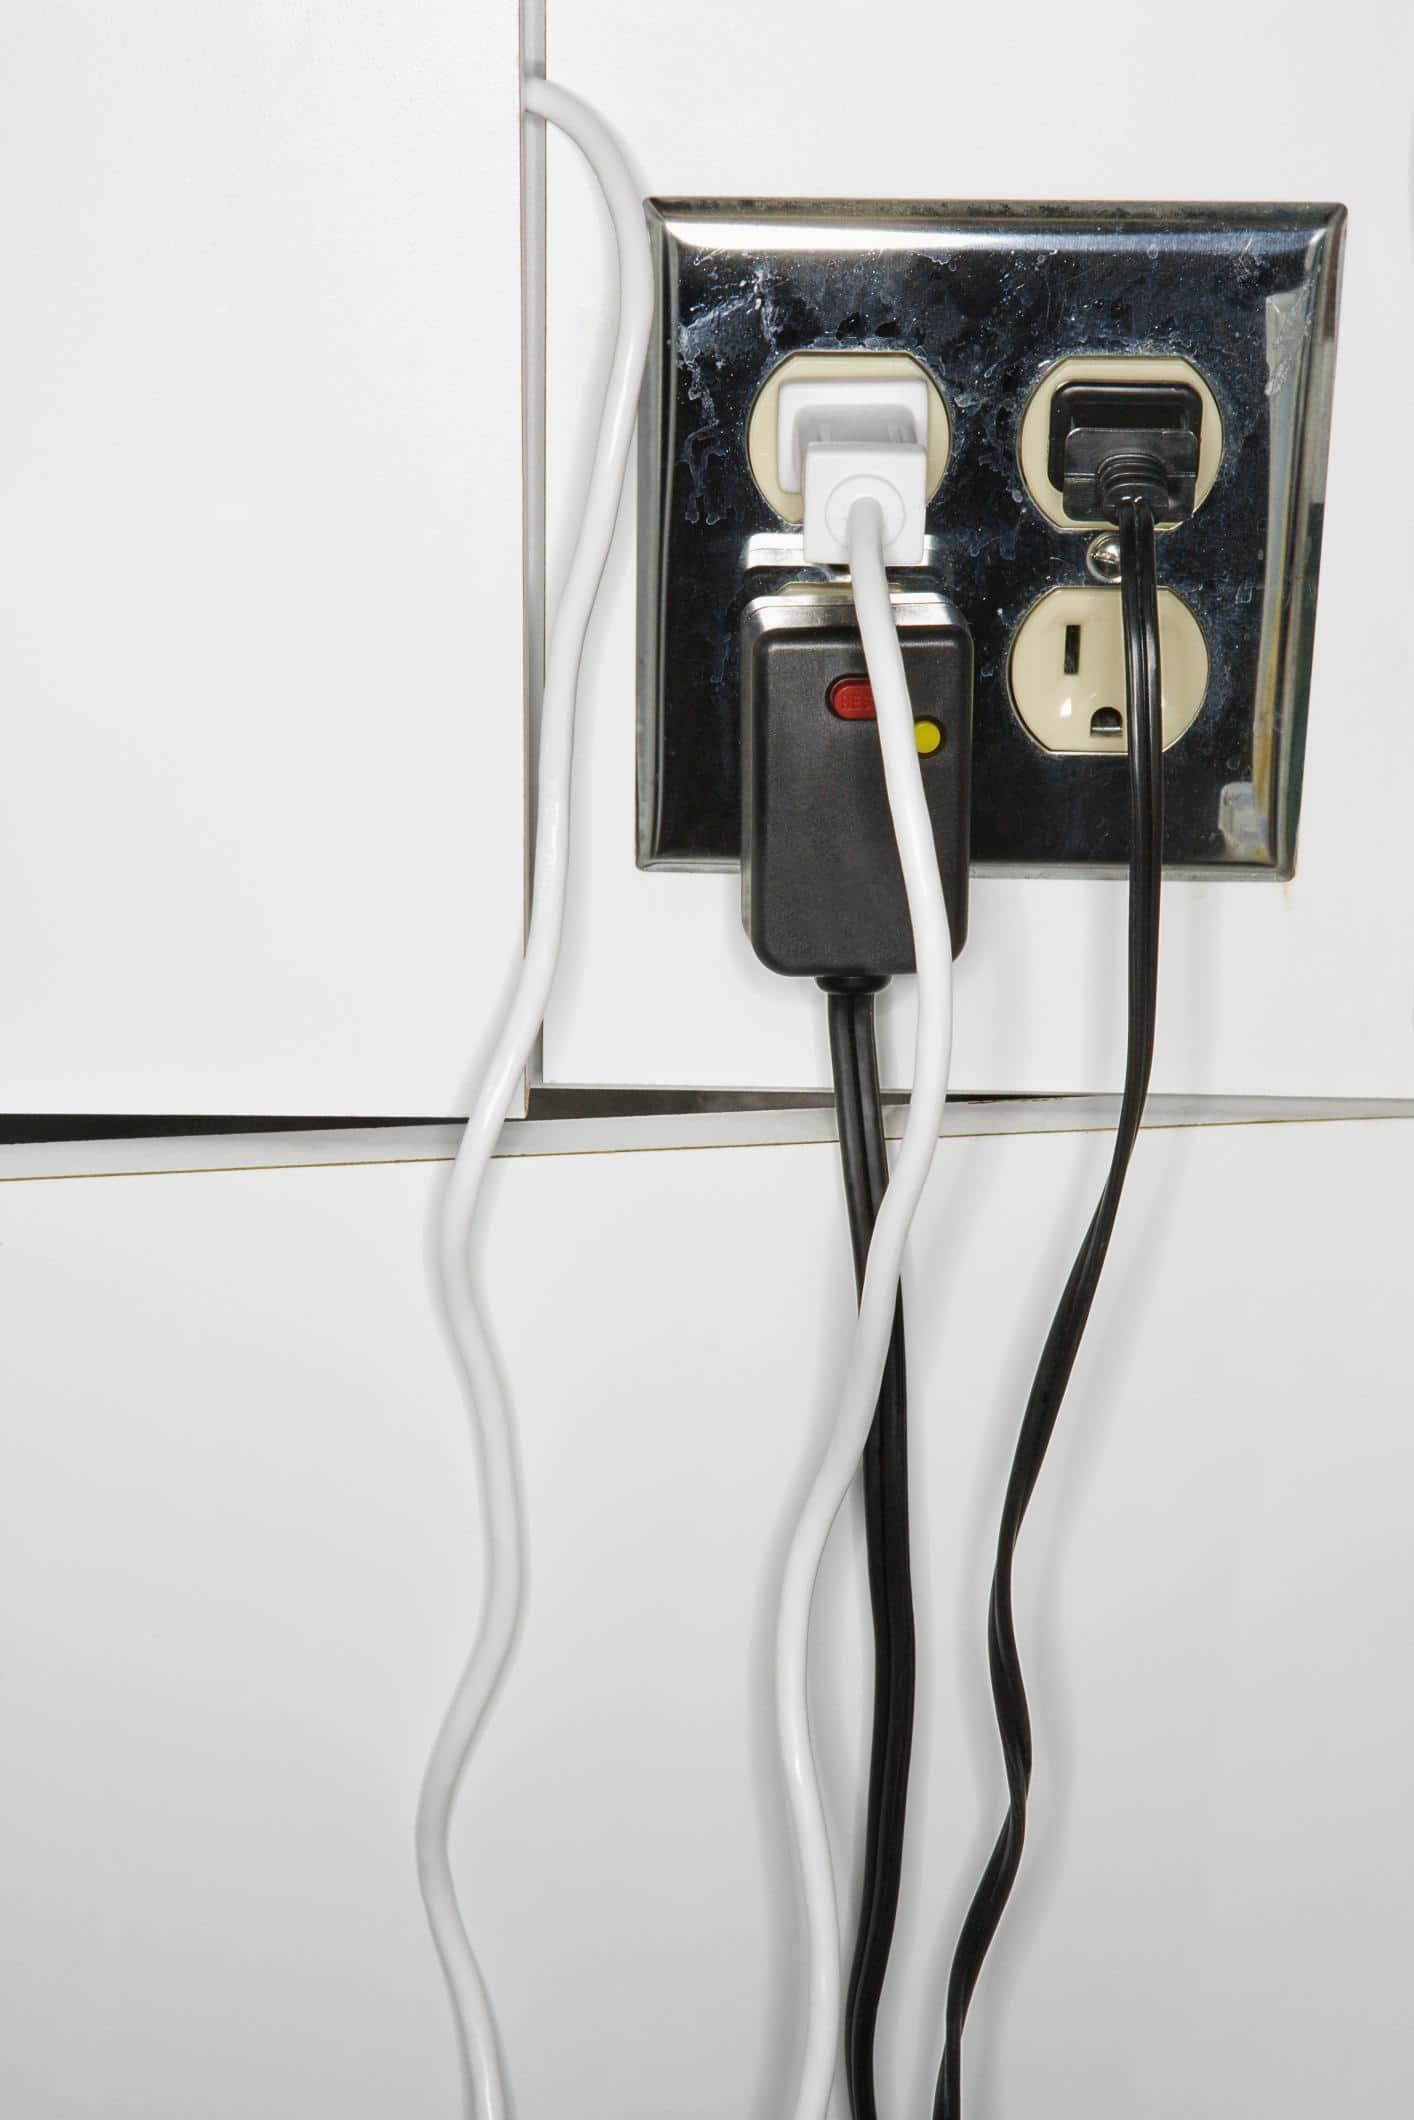 unplug unused cords